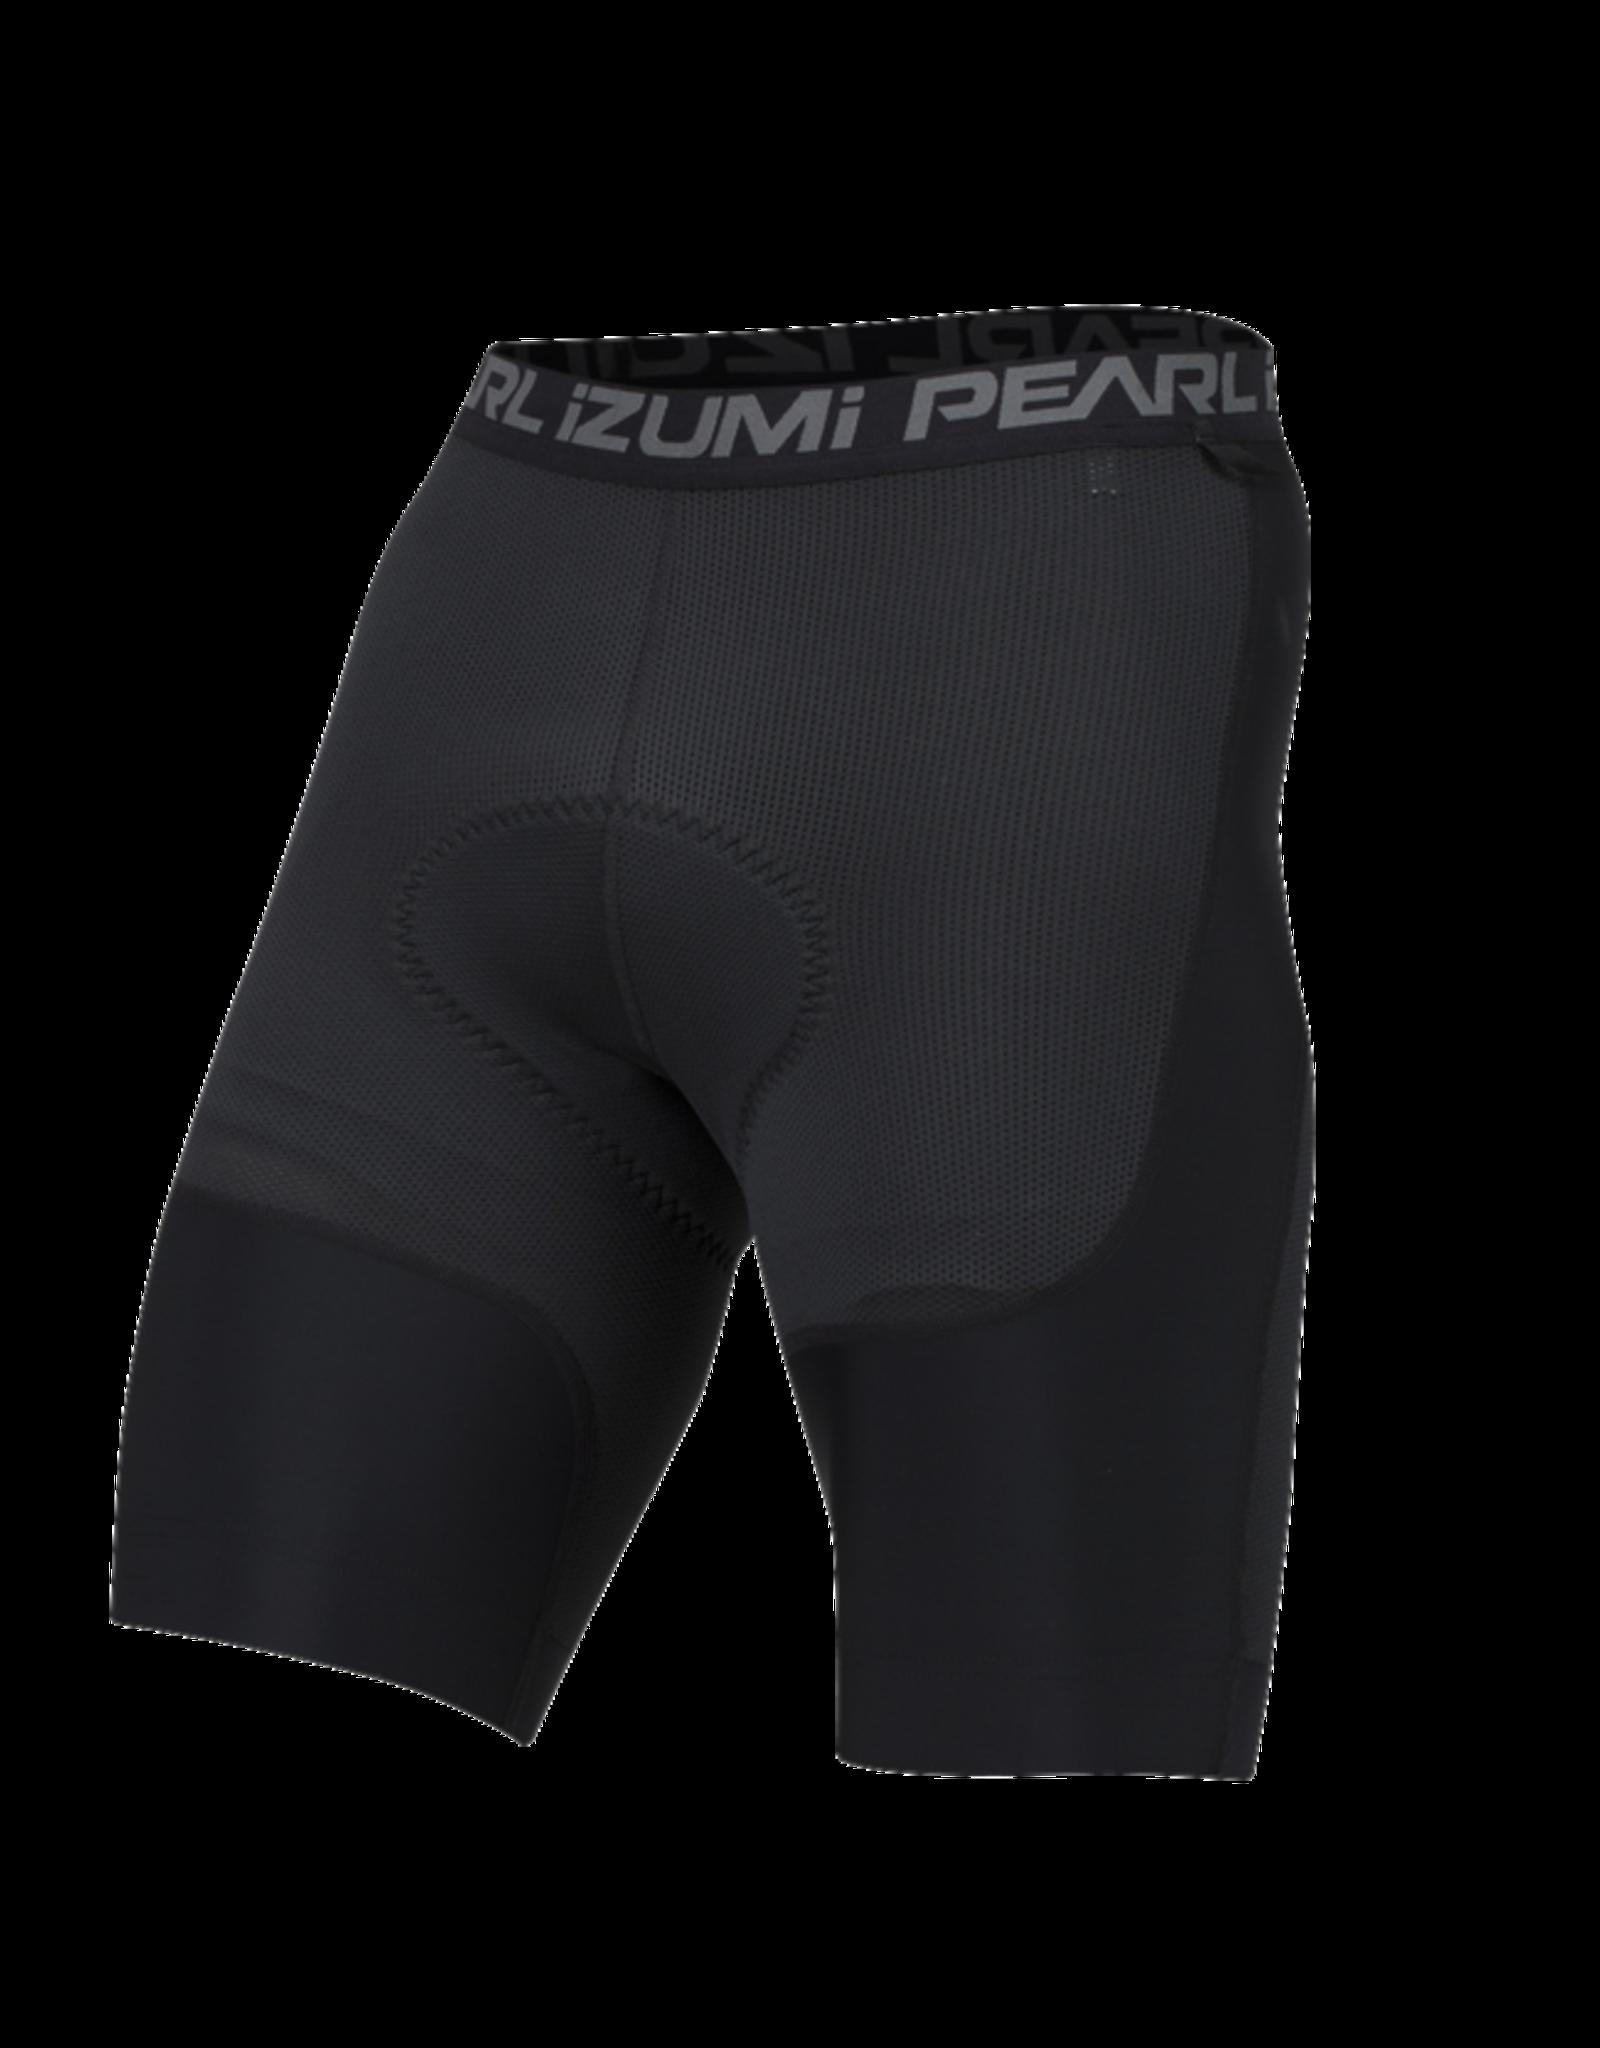 PIZ PEARL IZUMI SELECT LINER SHORT BLK SM